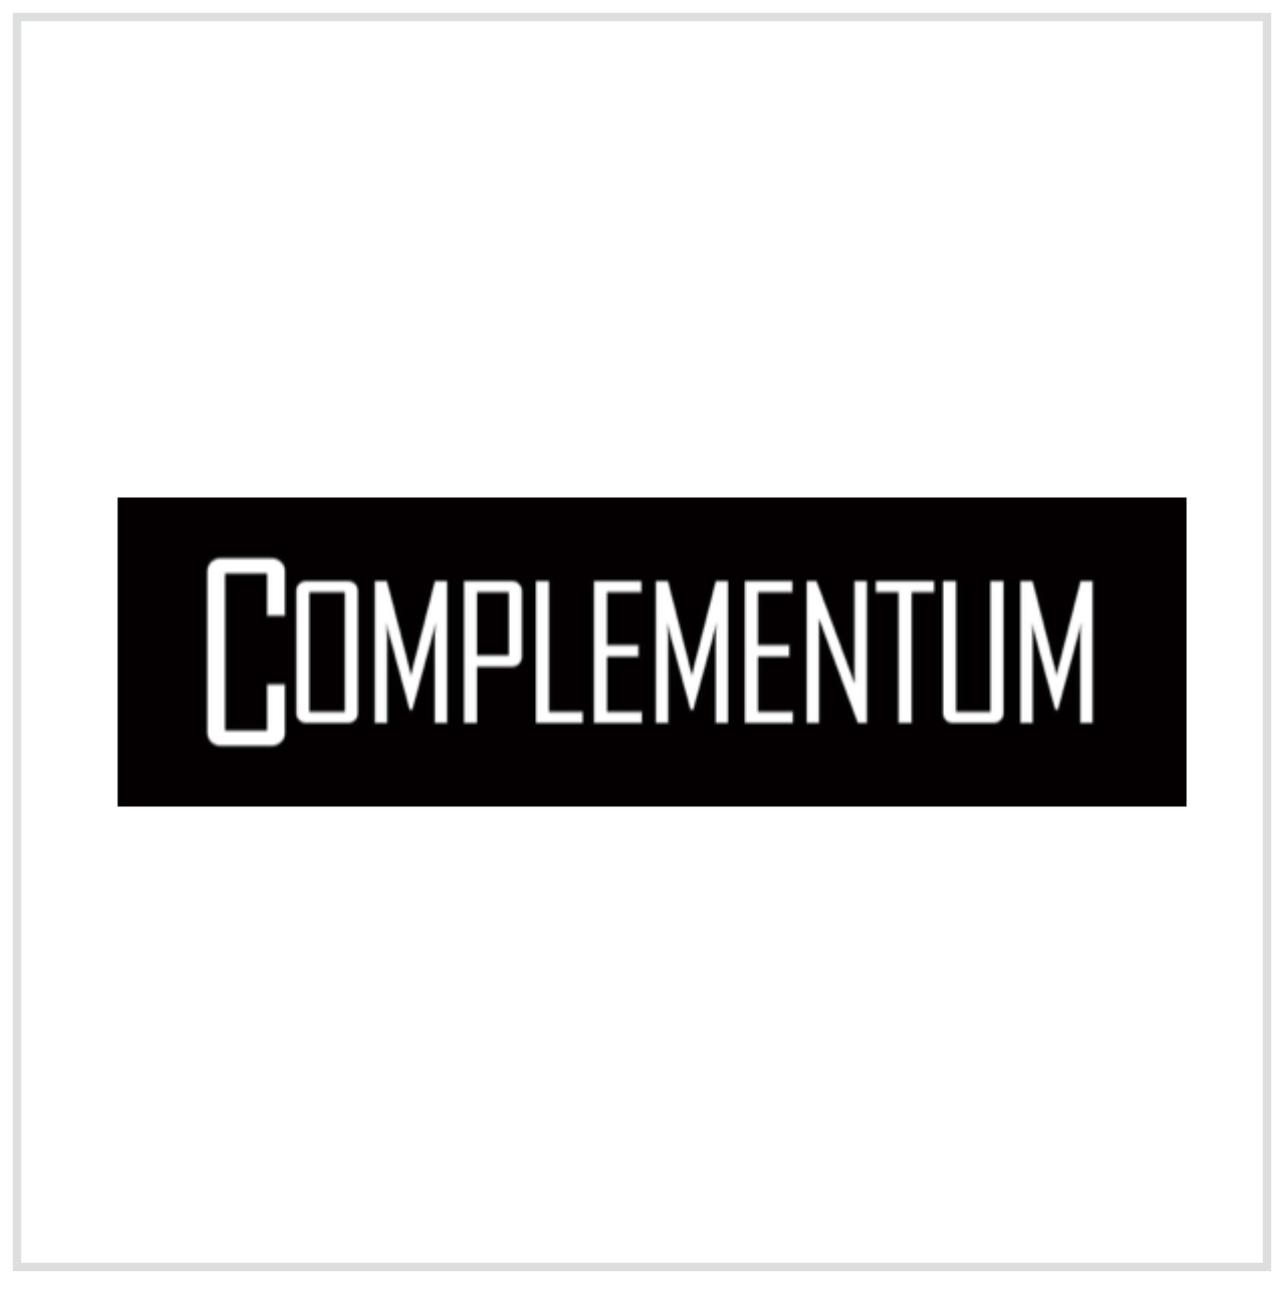 logo_complementum